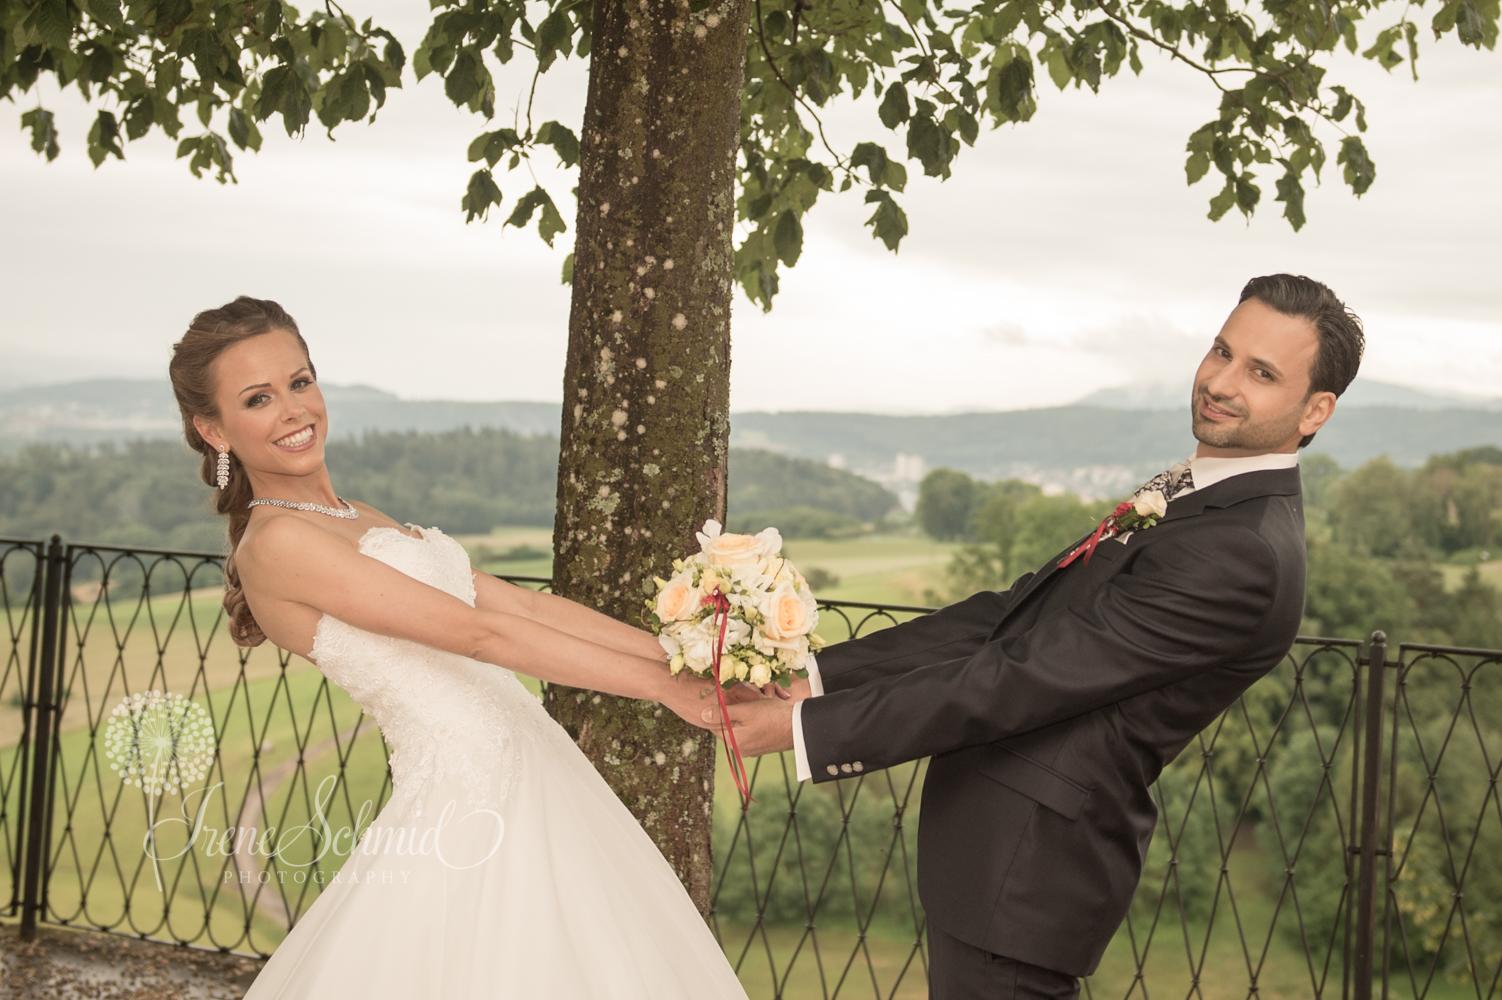 Hochzeitsshooting auf dem Regensberg - Irene Schmid Photographie